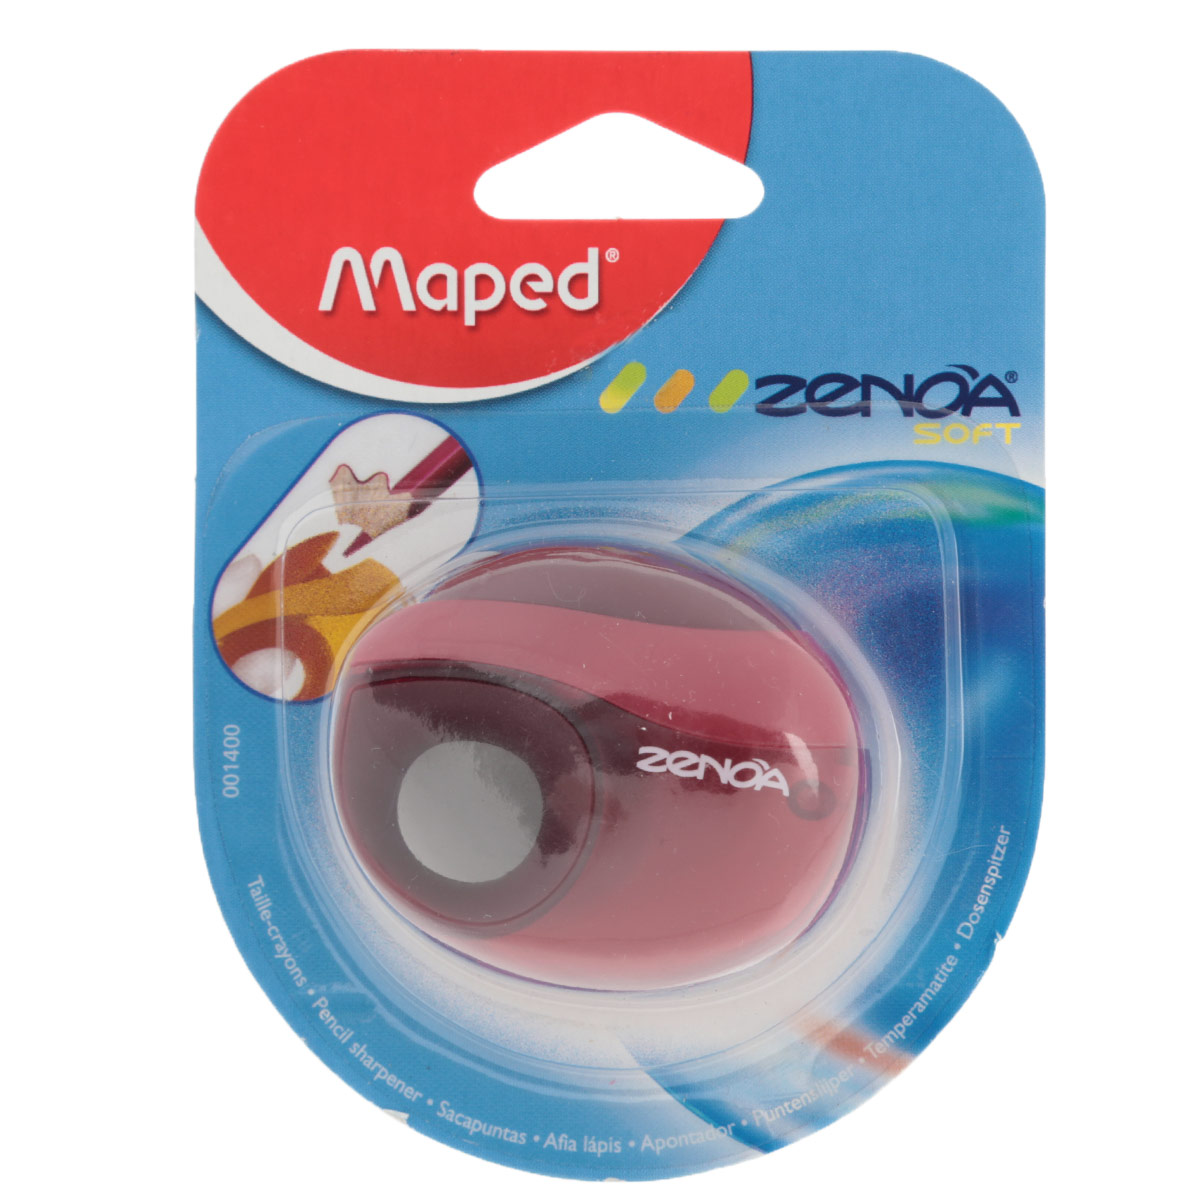 Точилка Maped Zenoa, с контейнером, цвет: красный1400_красныйТочилка Zenoa выполнена из ударопрочного пластика. Имеется мягкий держатель для пальцев. Закрывается автоматически после использования, чтобы избежать попадания крошек графита в пенал. Полупрозрачный контейнер для сбора стружки позволяет визуально контролировать уровень заполнения и вовремя производить очистку.